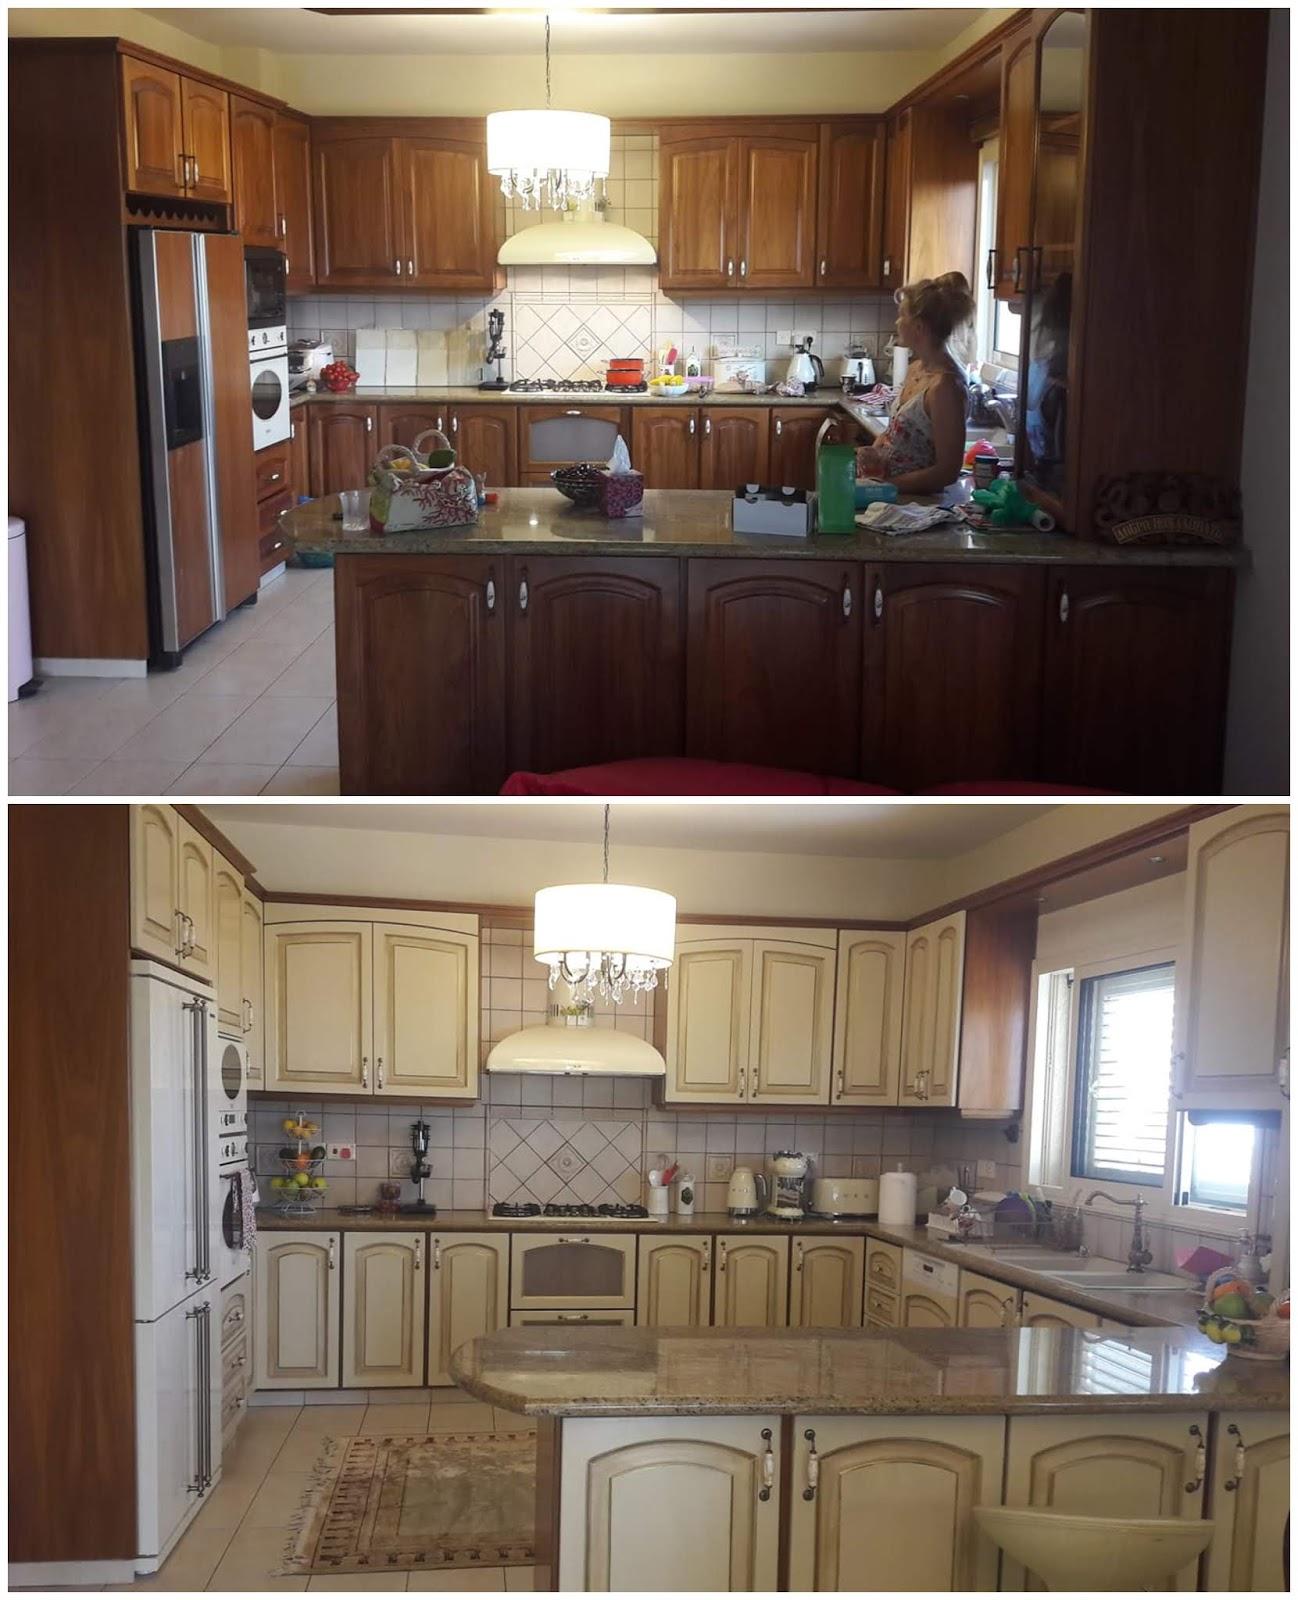 Αφιέρωμα: Κουζίνα! Έλα στην κουζίνα, βάζω καφέ! 2 Annie Sloan Greece